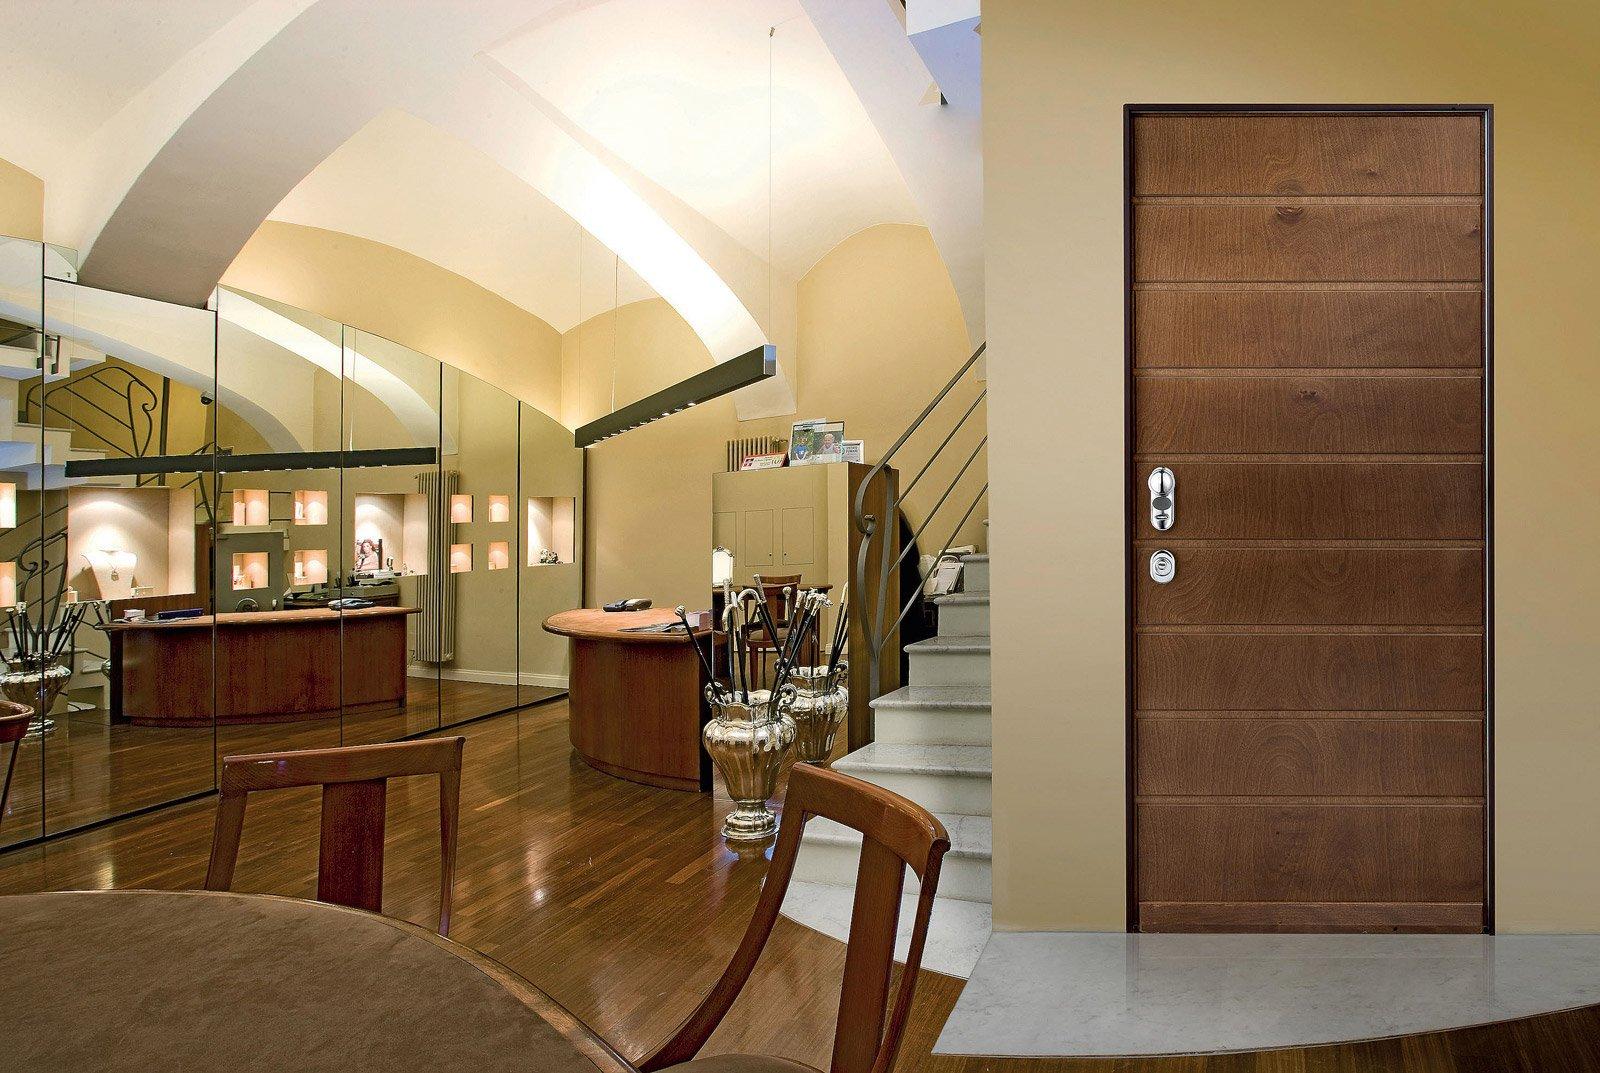 Ingressi protetti all 39 interno e all 39 esterno cose di casa - Ingresso esterno di casa ...